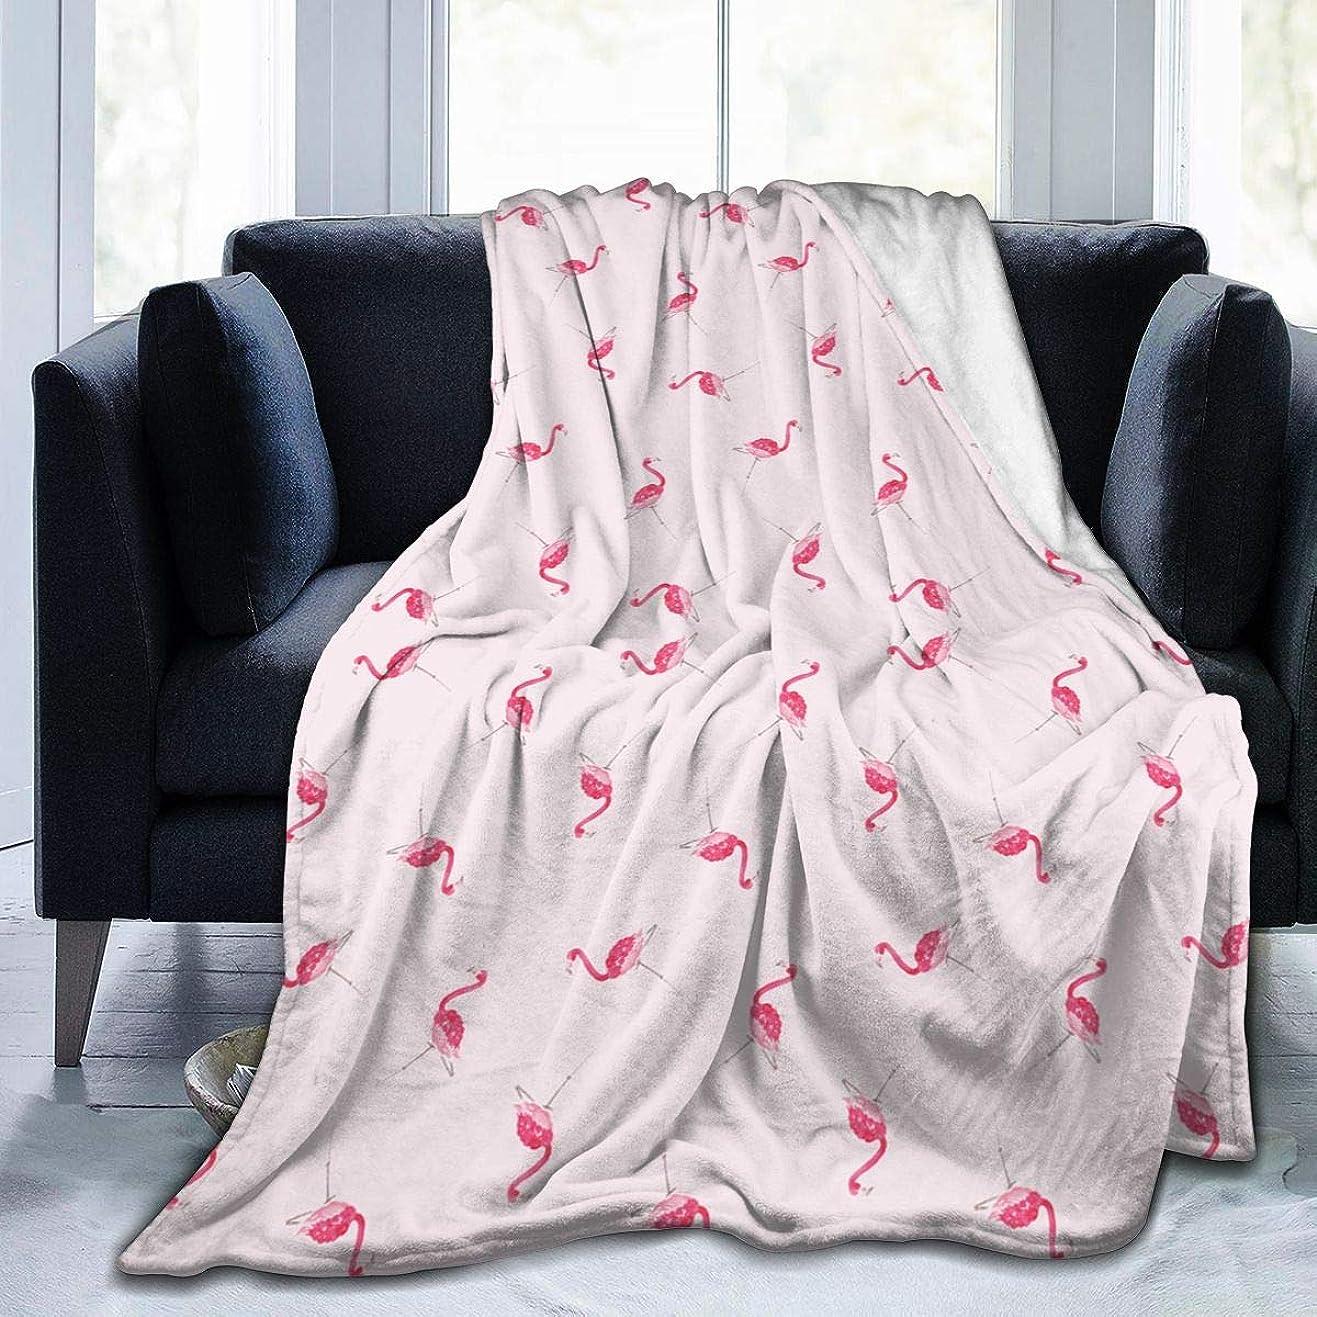 哲学こしょう盗難ひざ掛け 毛布 ブランケット ピンク フラミンゴ 大判 ふわふわ 厚手 シングル 暖かい 柔らかい 膝掛け 携帯用 車用 オフィス用 防寒対策 冷房対策 お昼寝 通年用 洗える